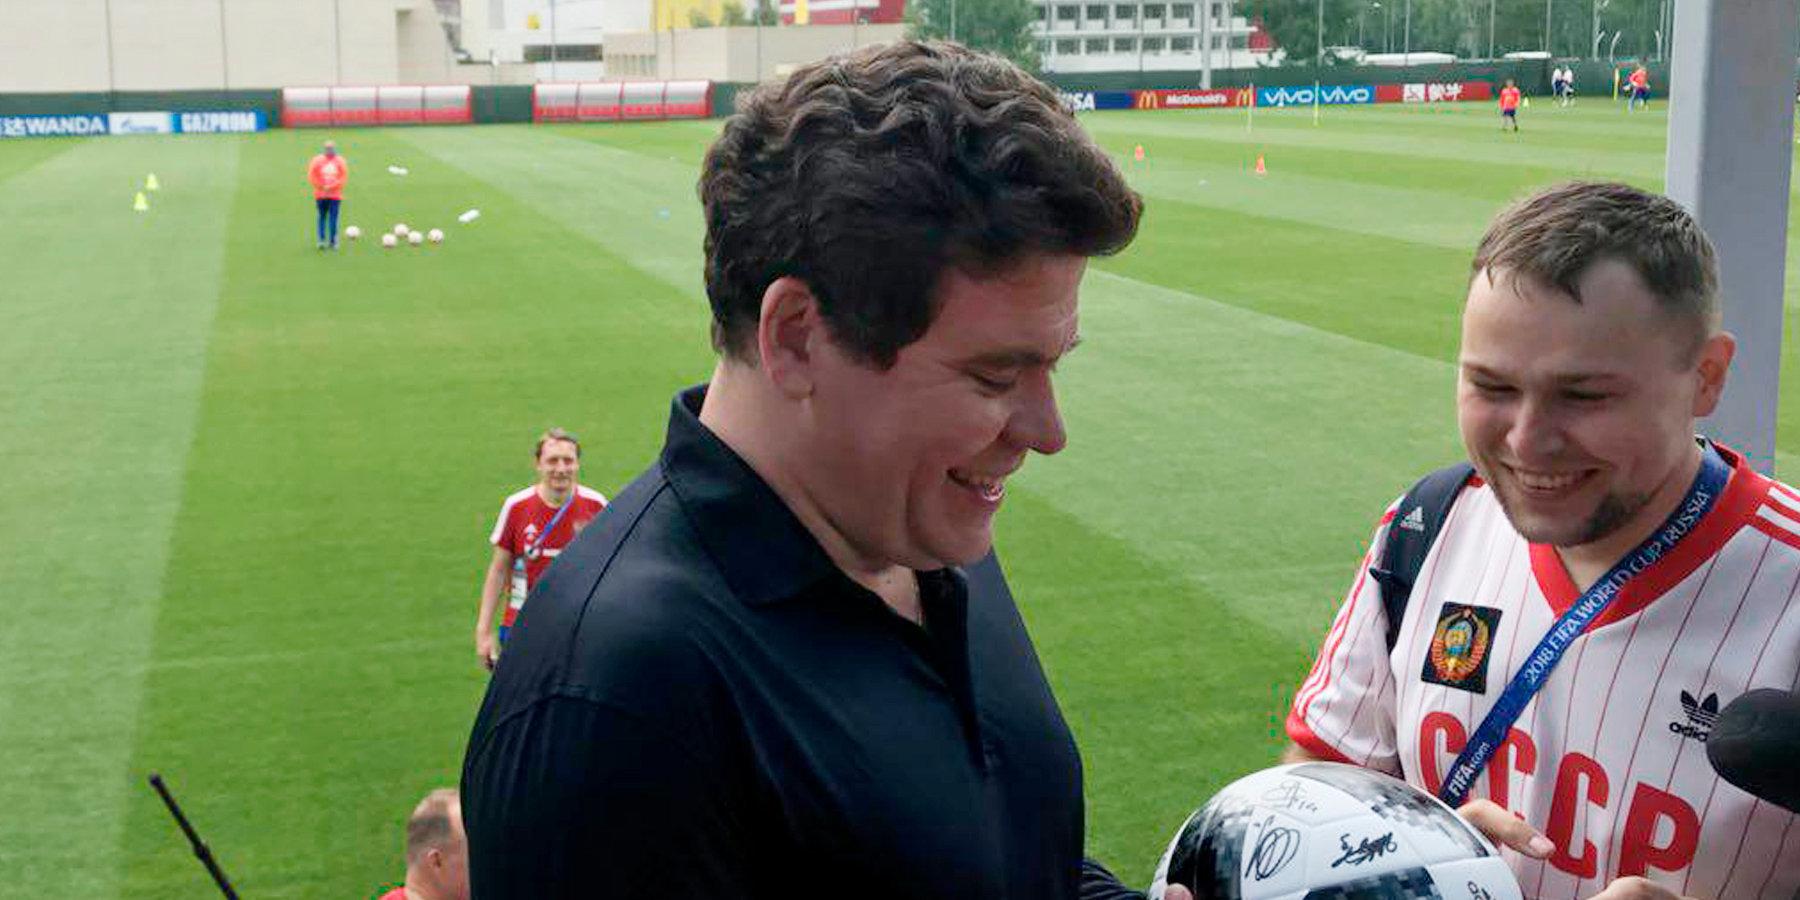 Мацуев подарил футболистам сборной Российской Федерации диск с традиционной музыкой